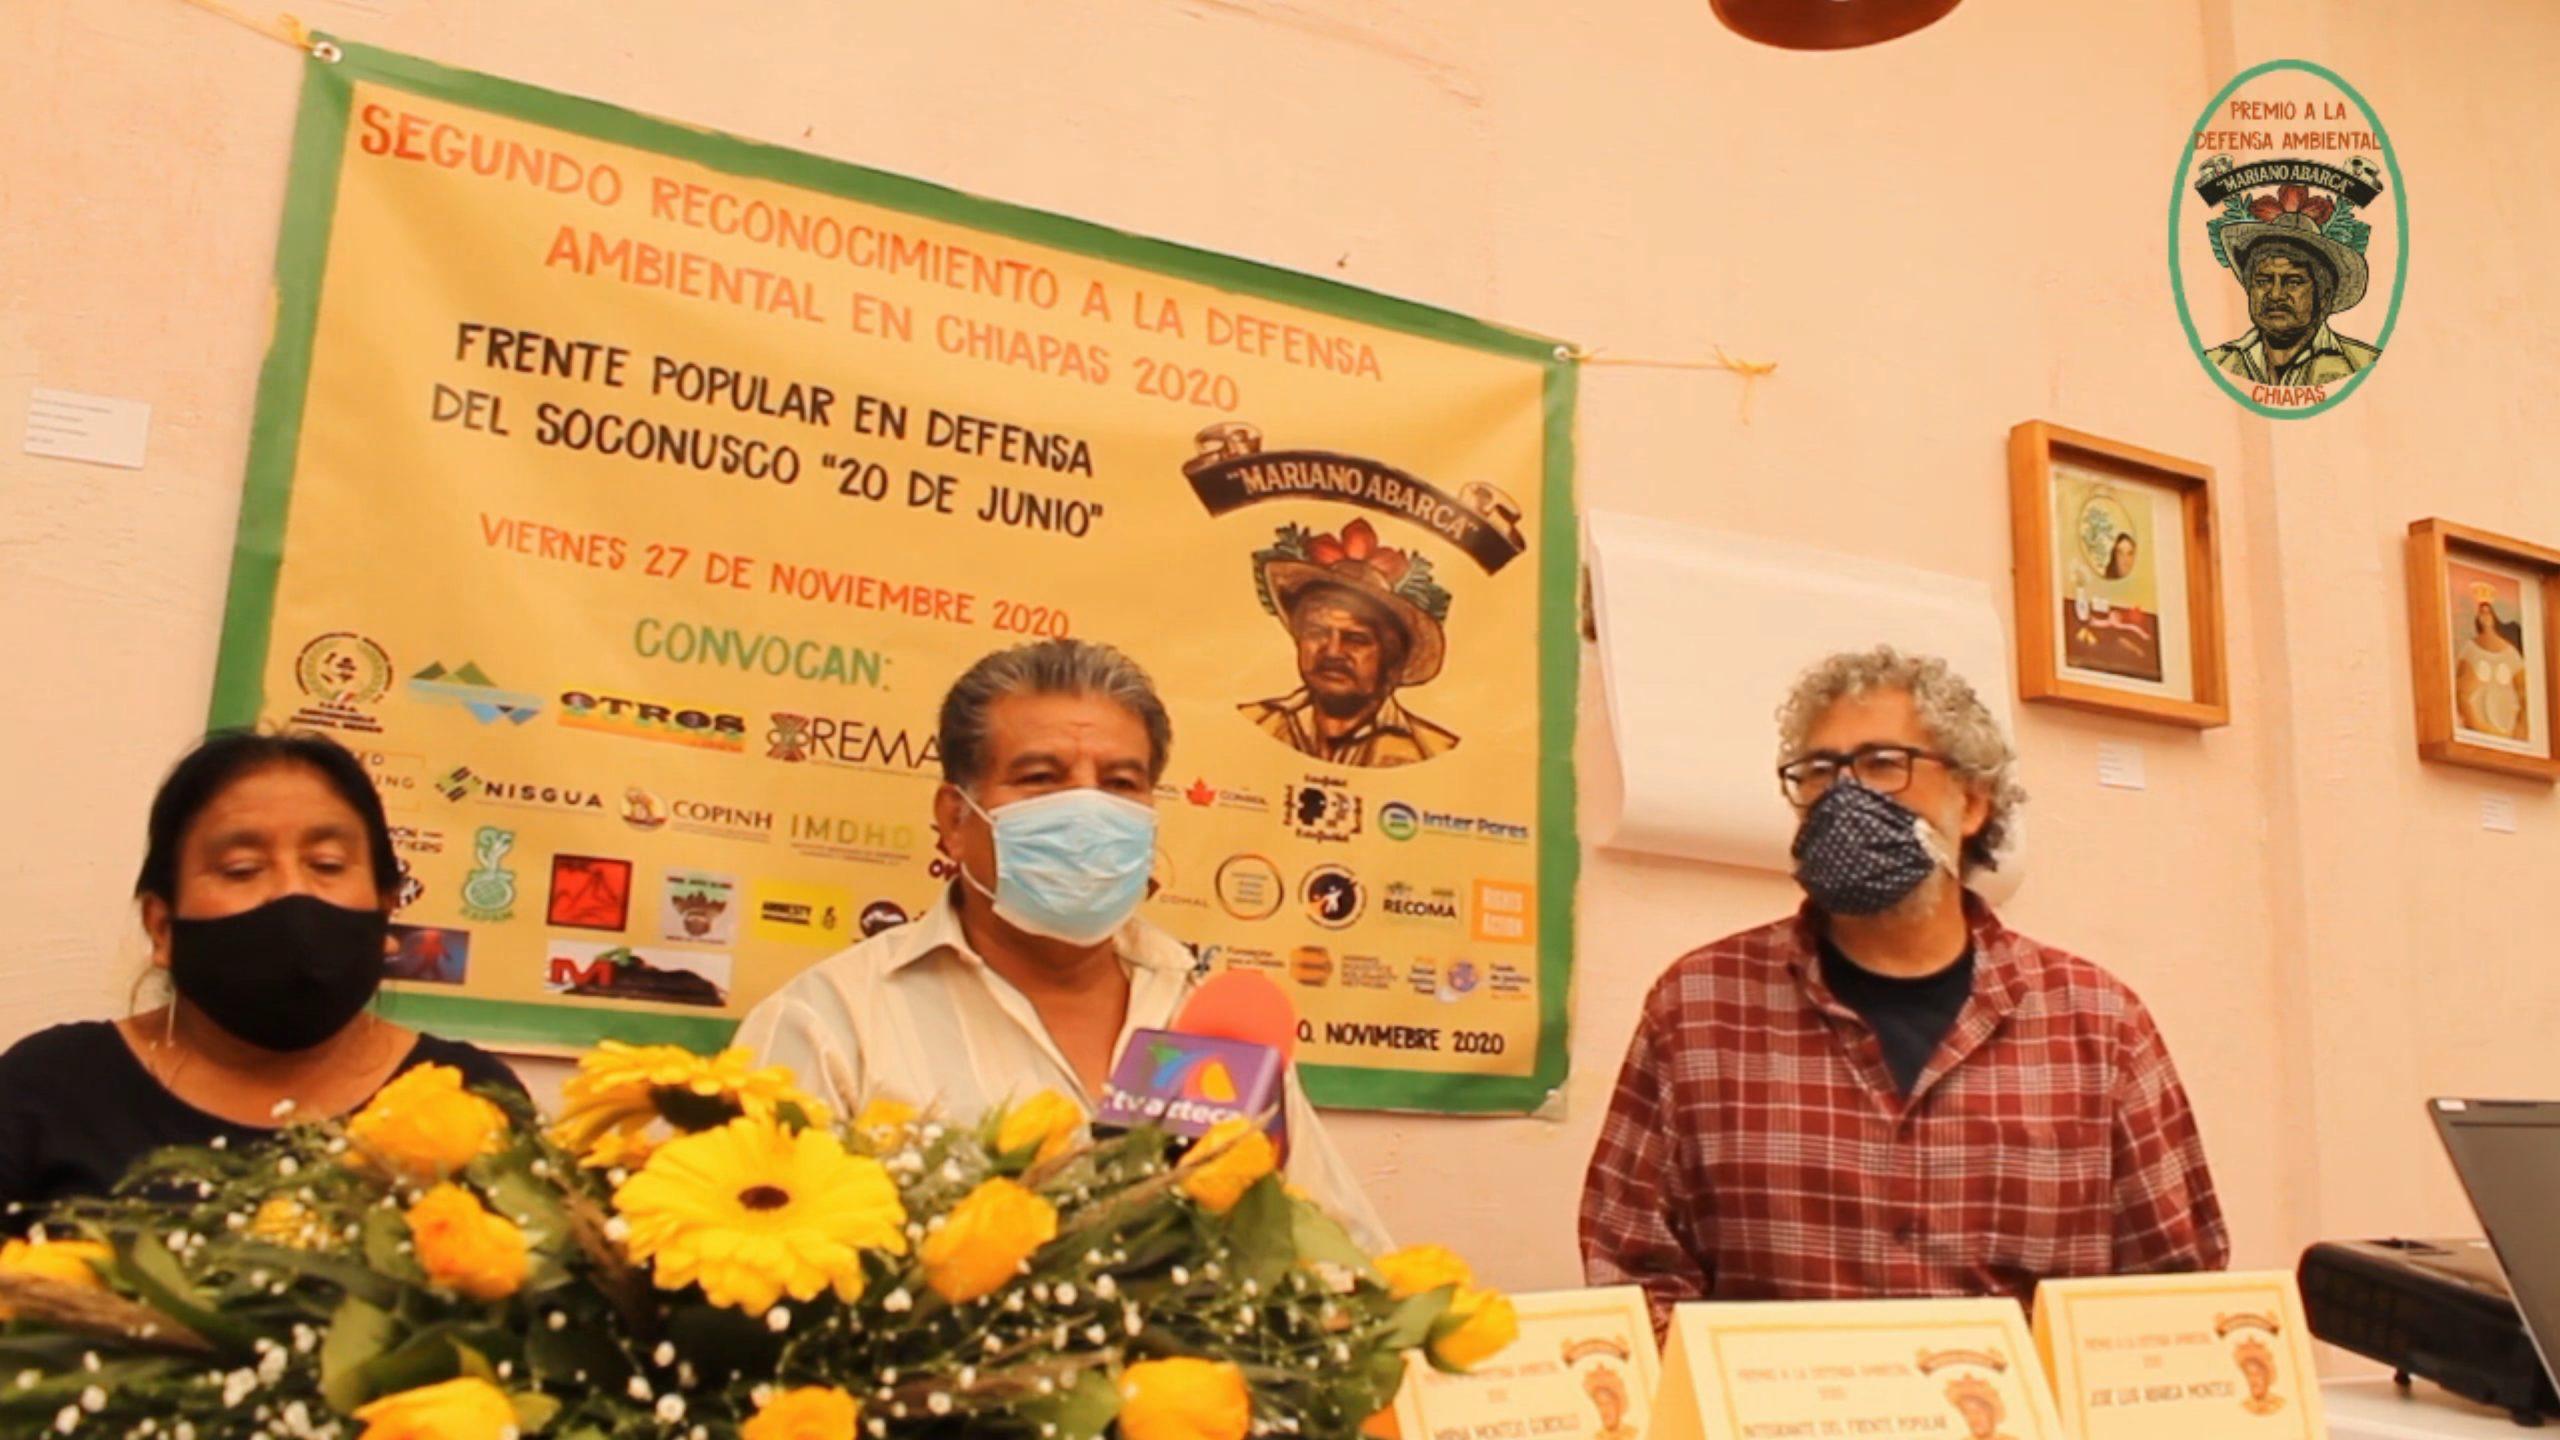 Premio a la Defensa Ambiental en Chiapas Mariano Abarca 2020